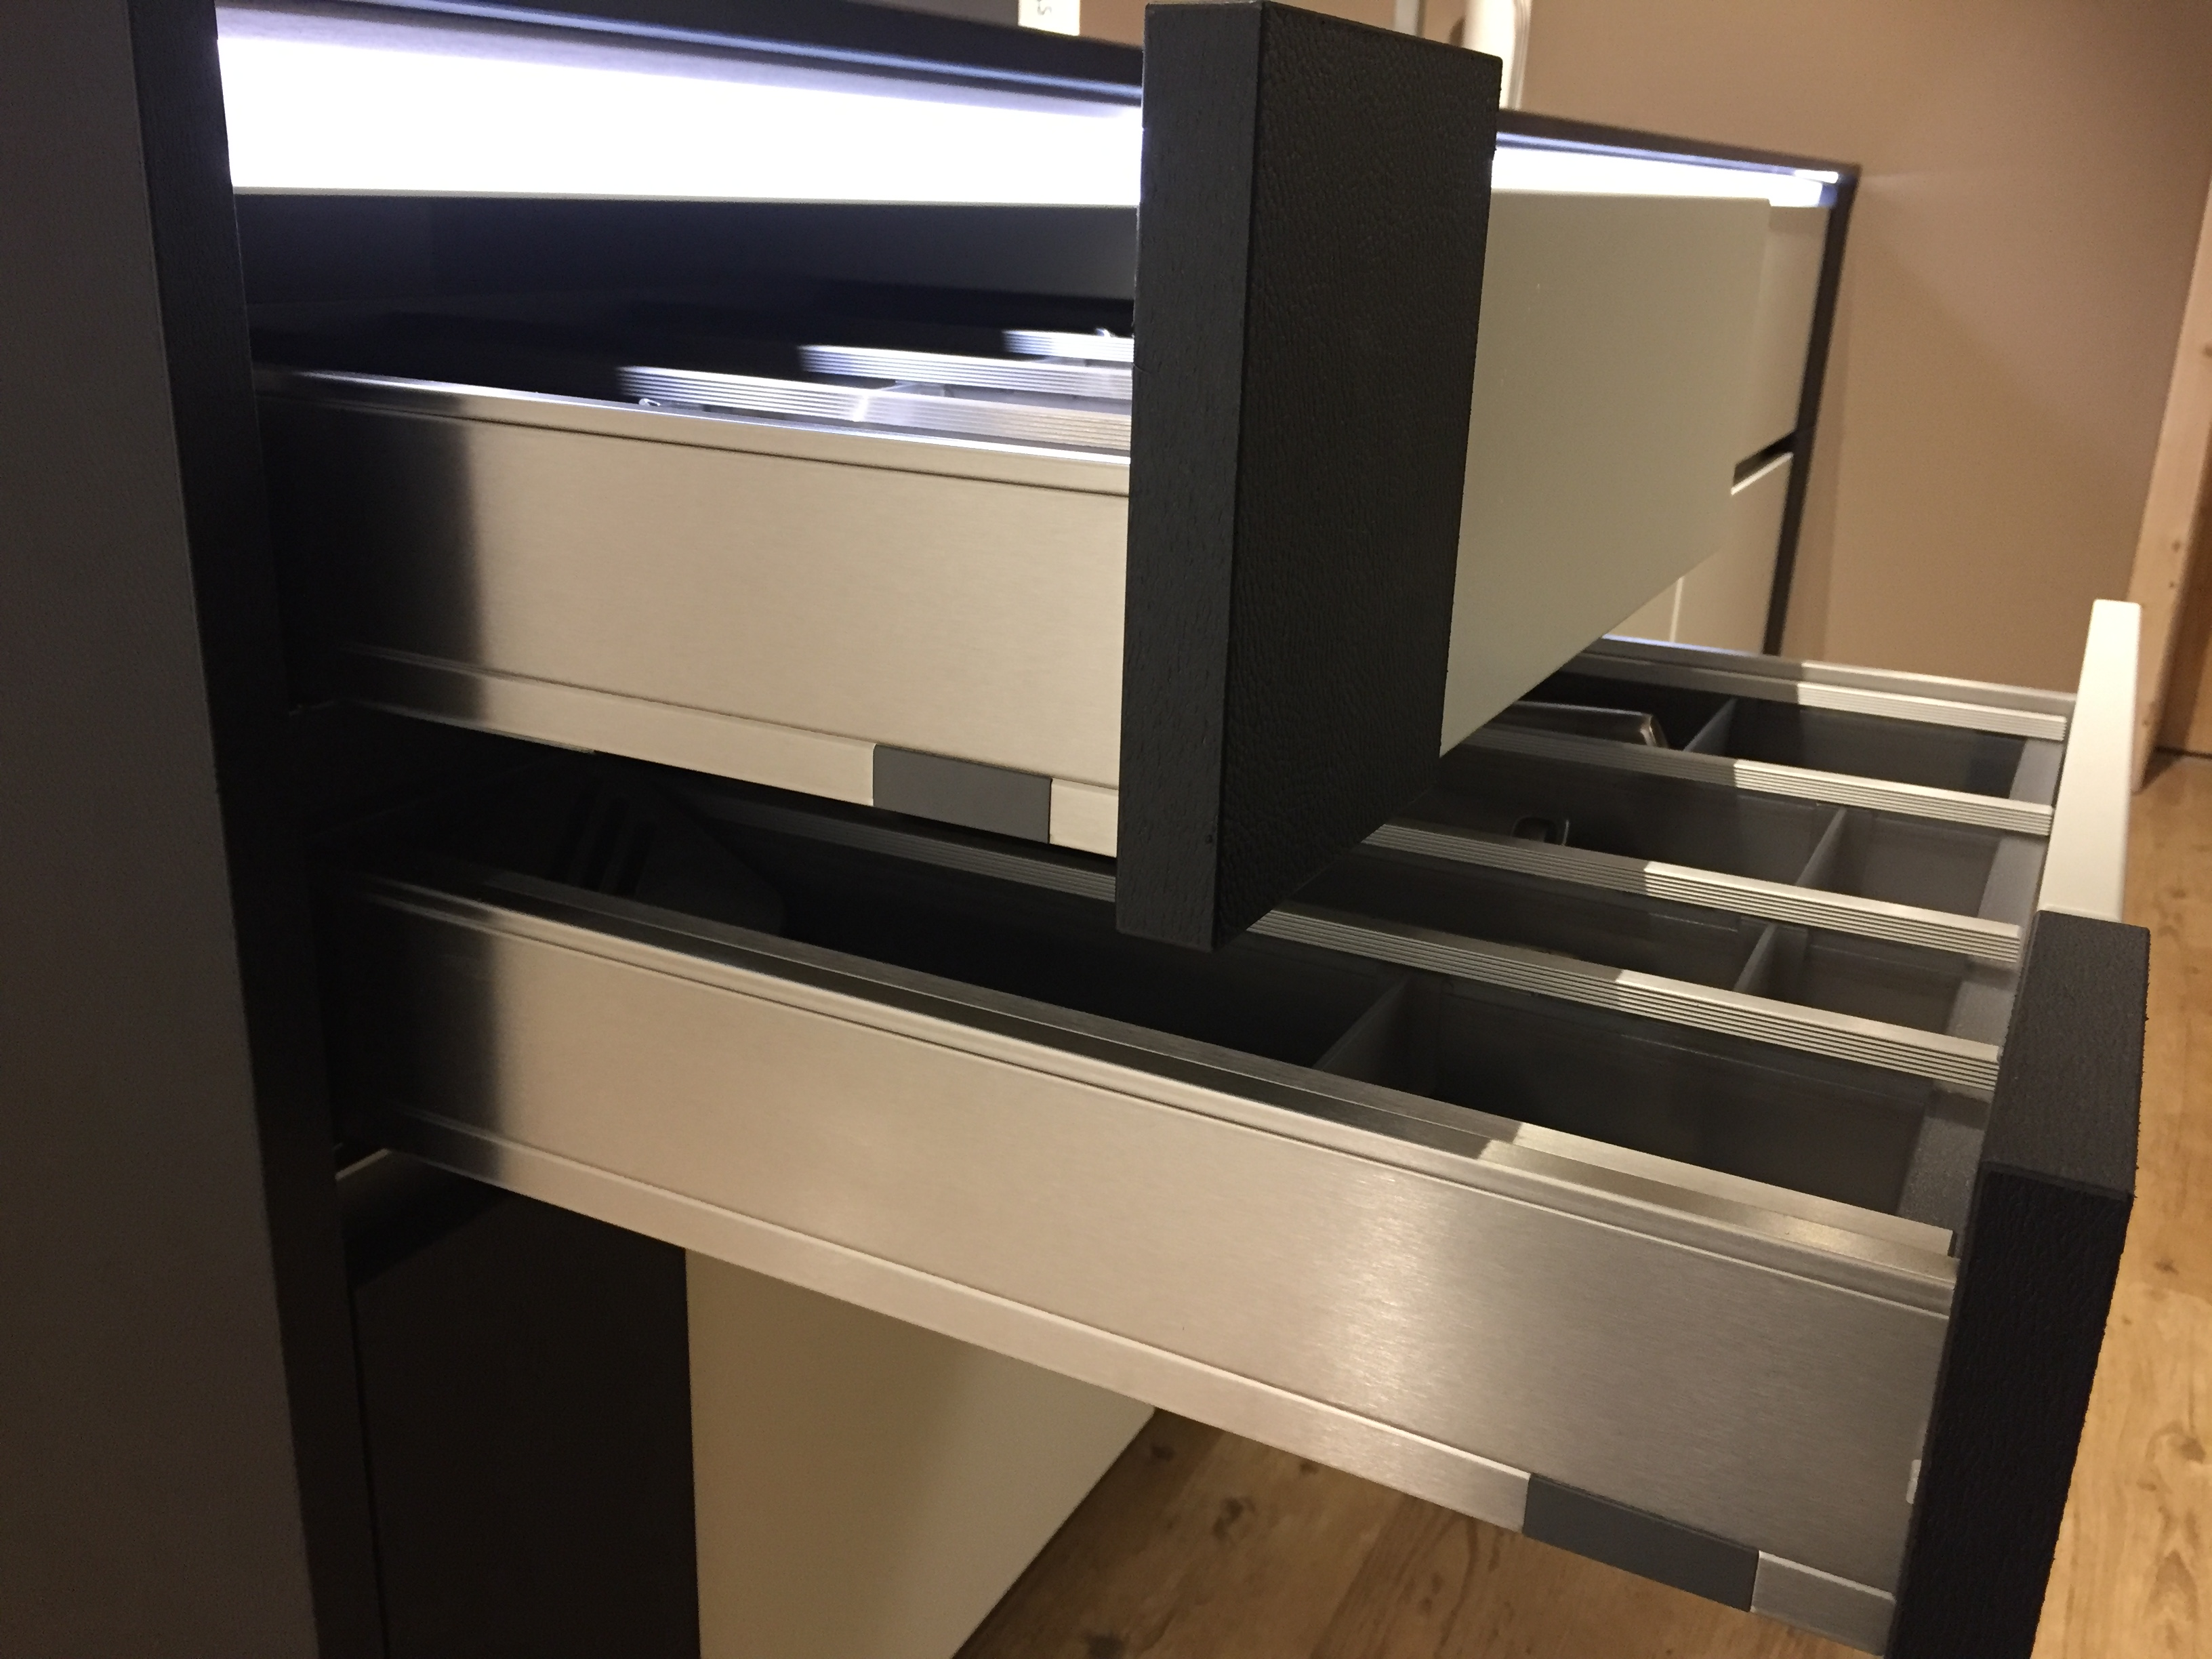 mein ausstellungsst ck neu einbauk che musterk che ausstellungsk che k che. Black Bedroom Furniture Sets. Home Design Ideas